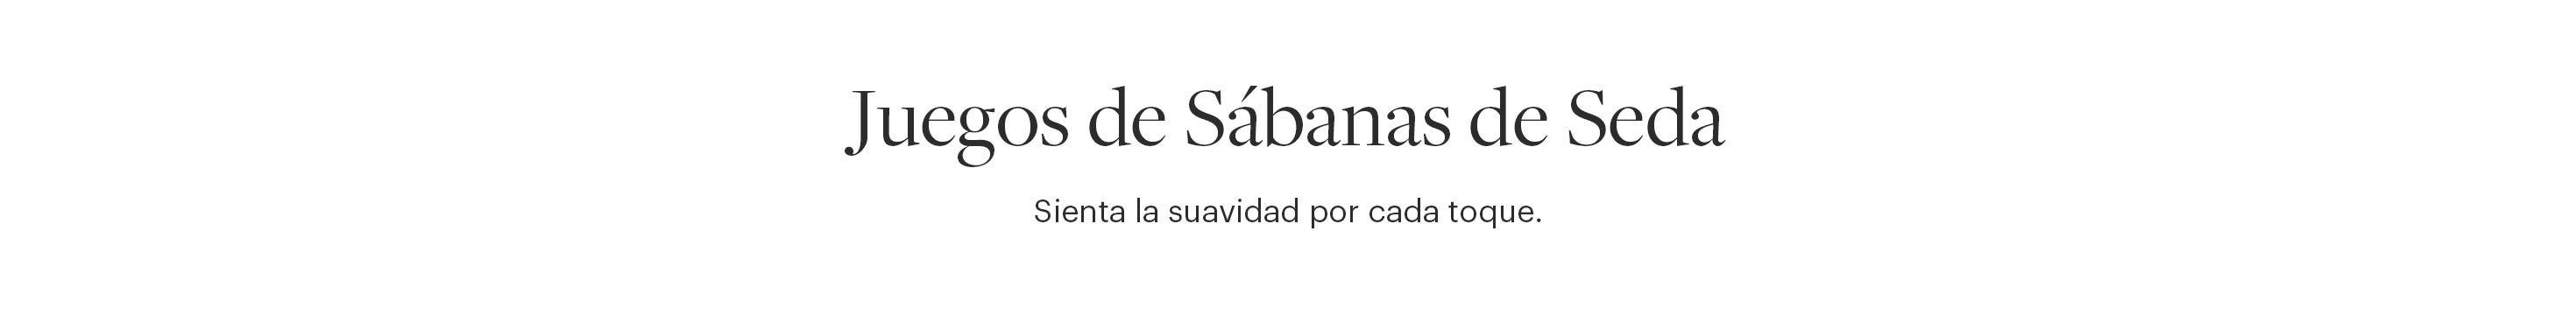 JUEGOS DE SÁBANAS DE SEDA